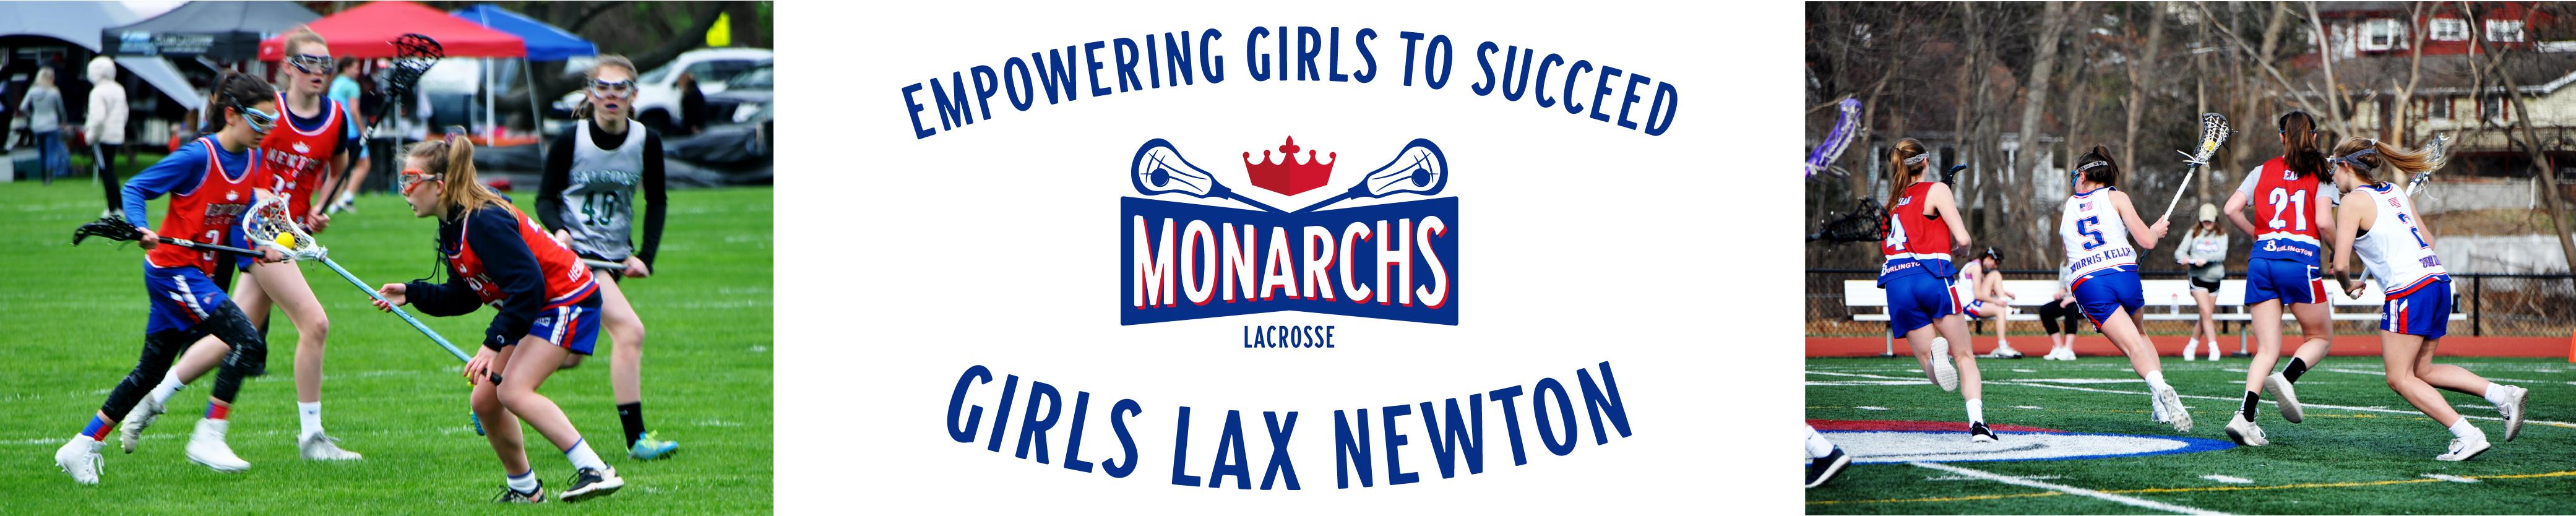 Girls Lax Newton, Lacrosse, Goal, Field